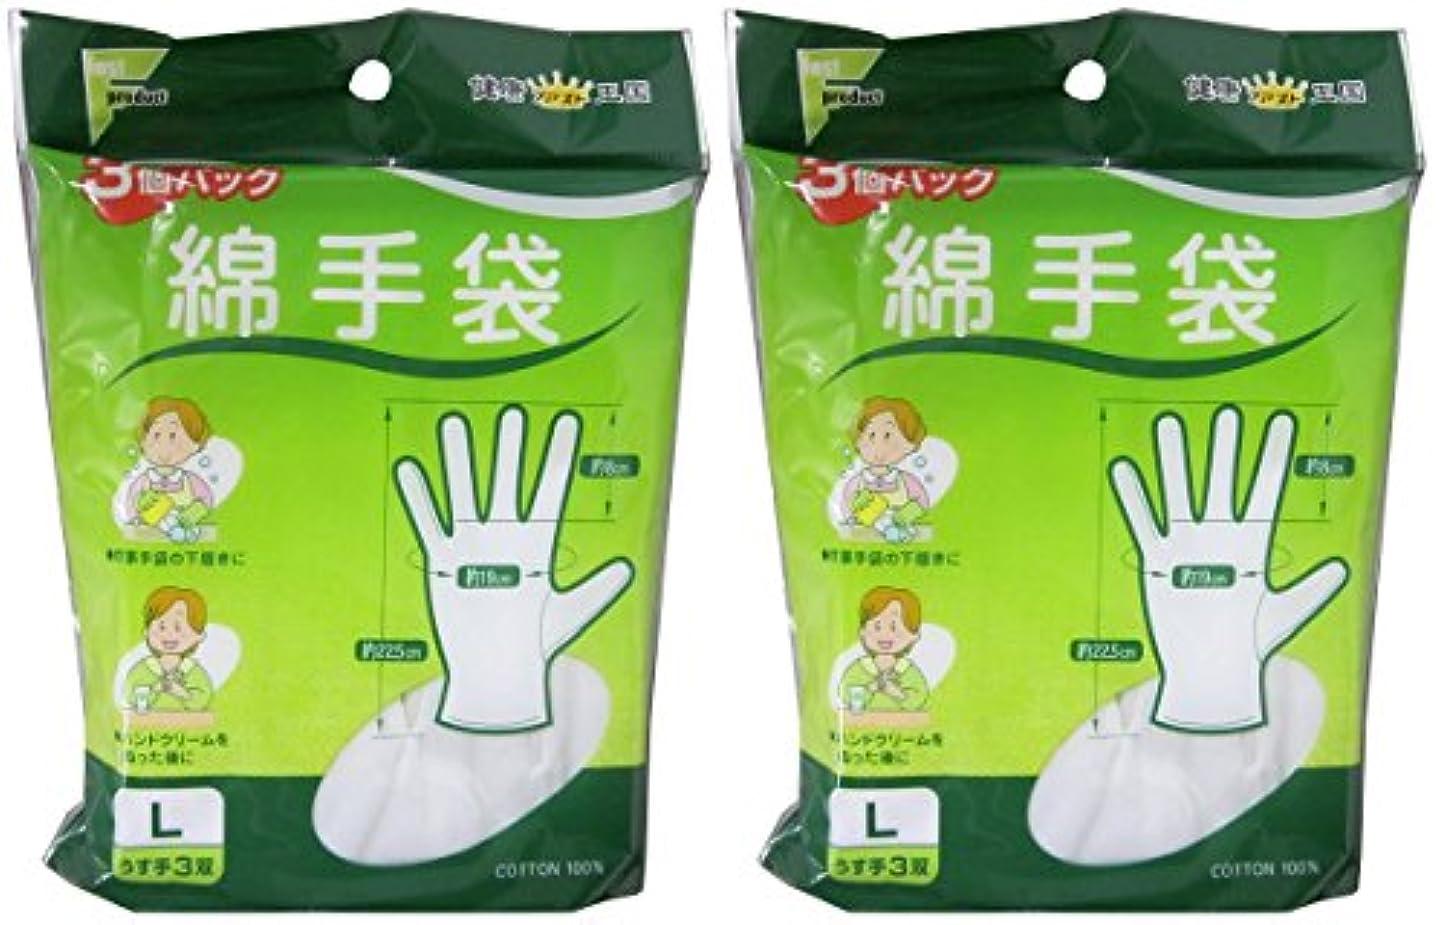 程度辞任派生するファスト綿手袋 Lサイズ 3双 L3双【2個セット】